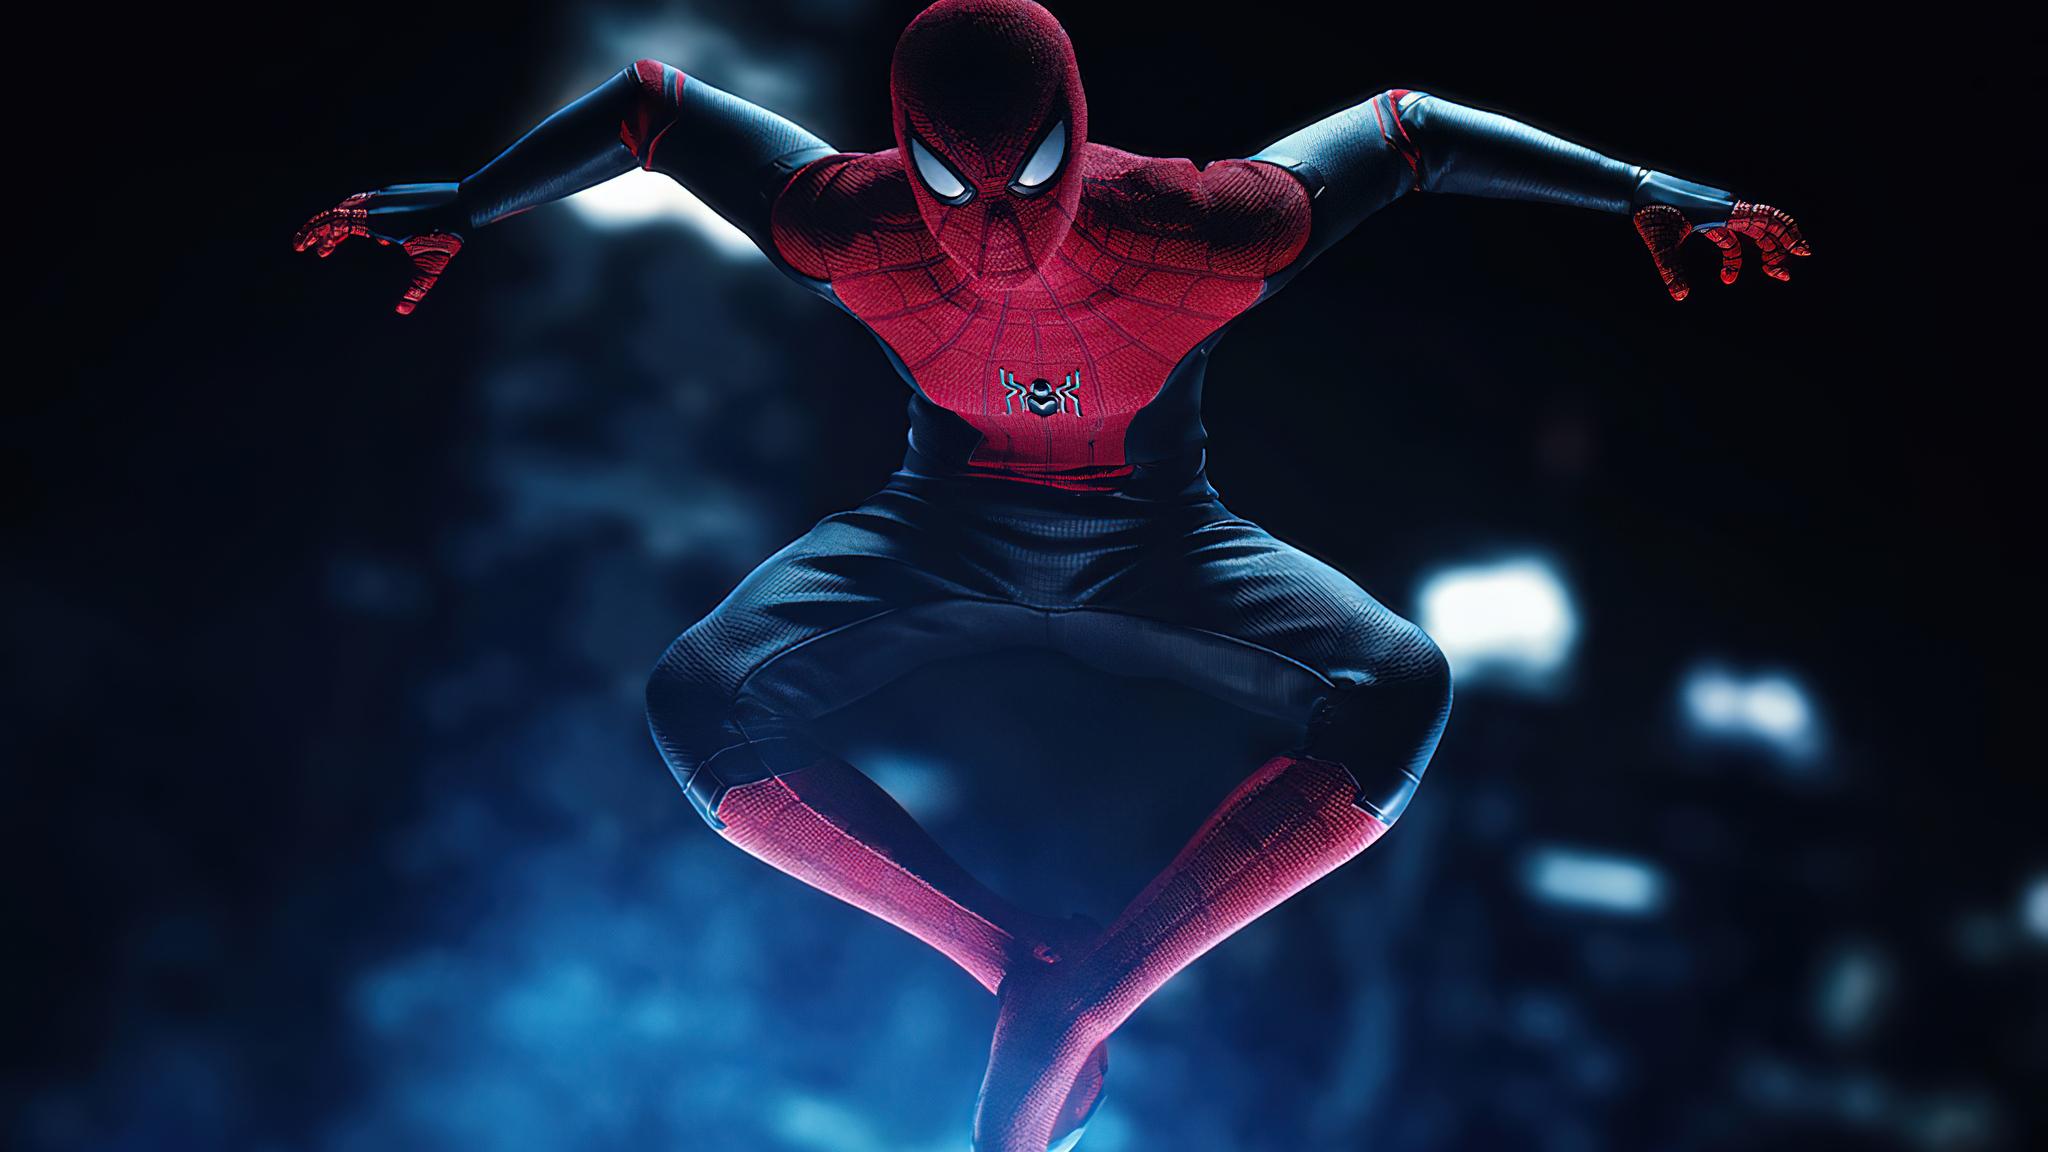 miles-morales-suit-spiderman-ps5-5k-4u.jpg